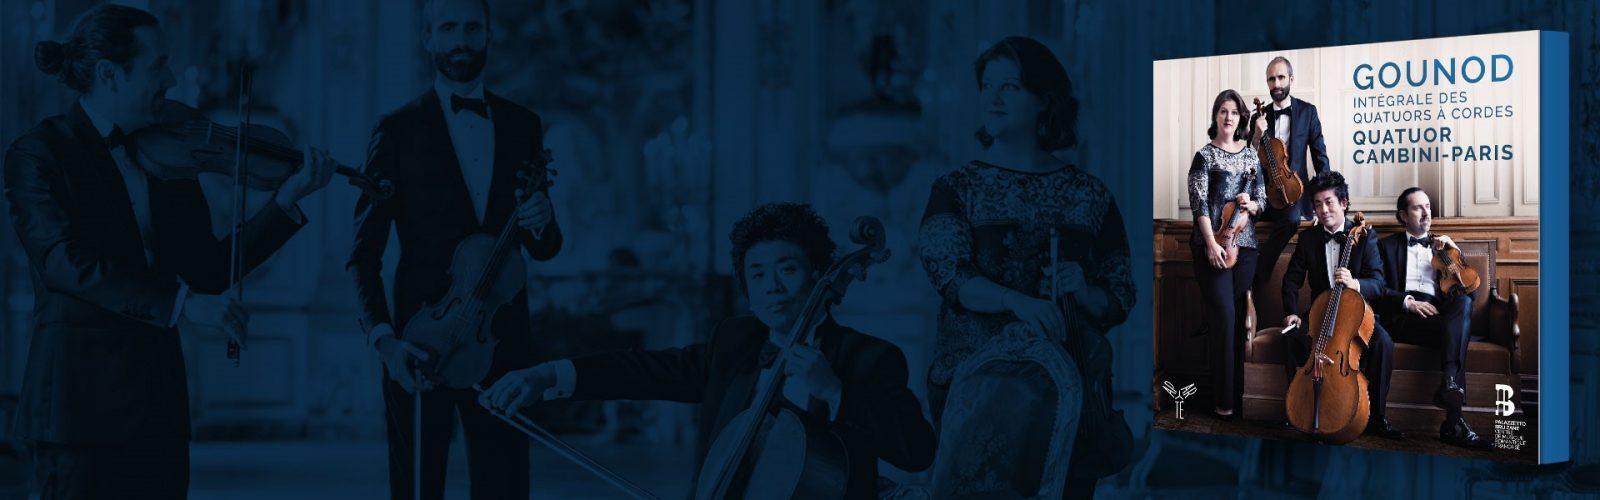 Gounod | Intégrale des quatuors à cordes